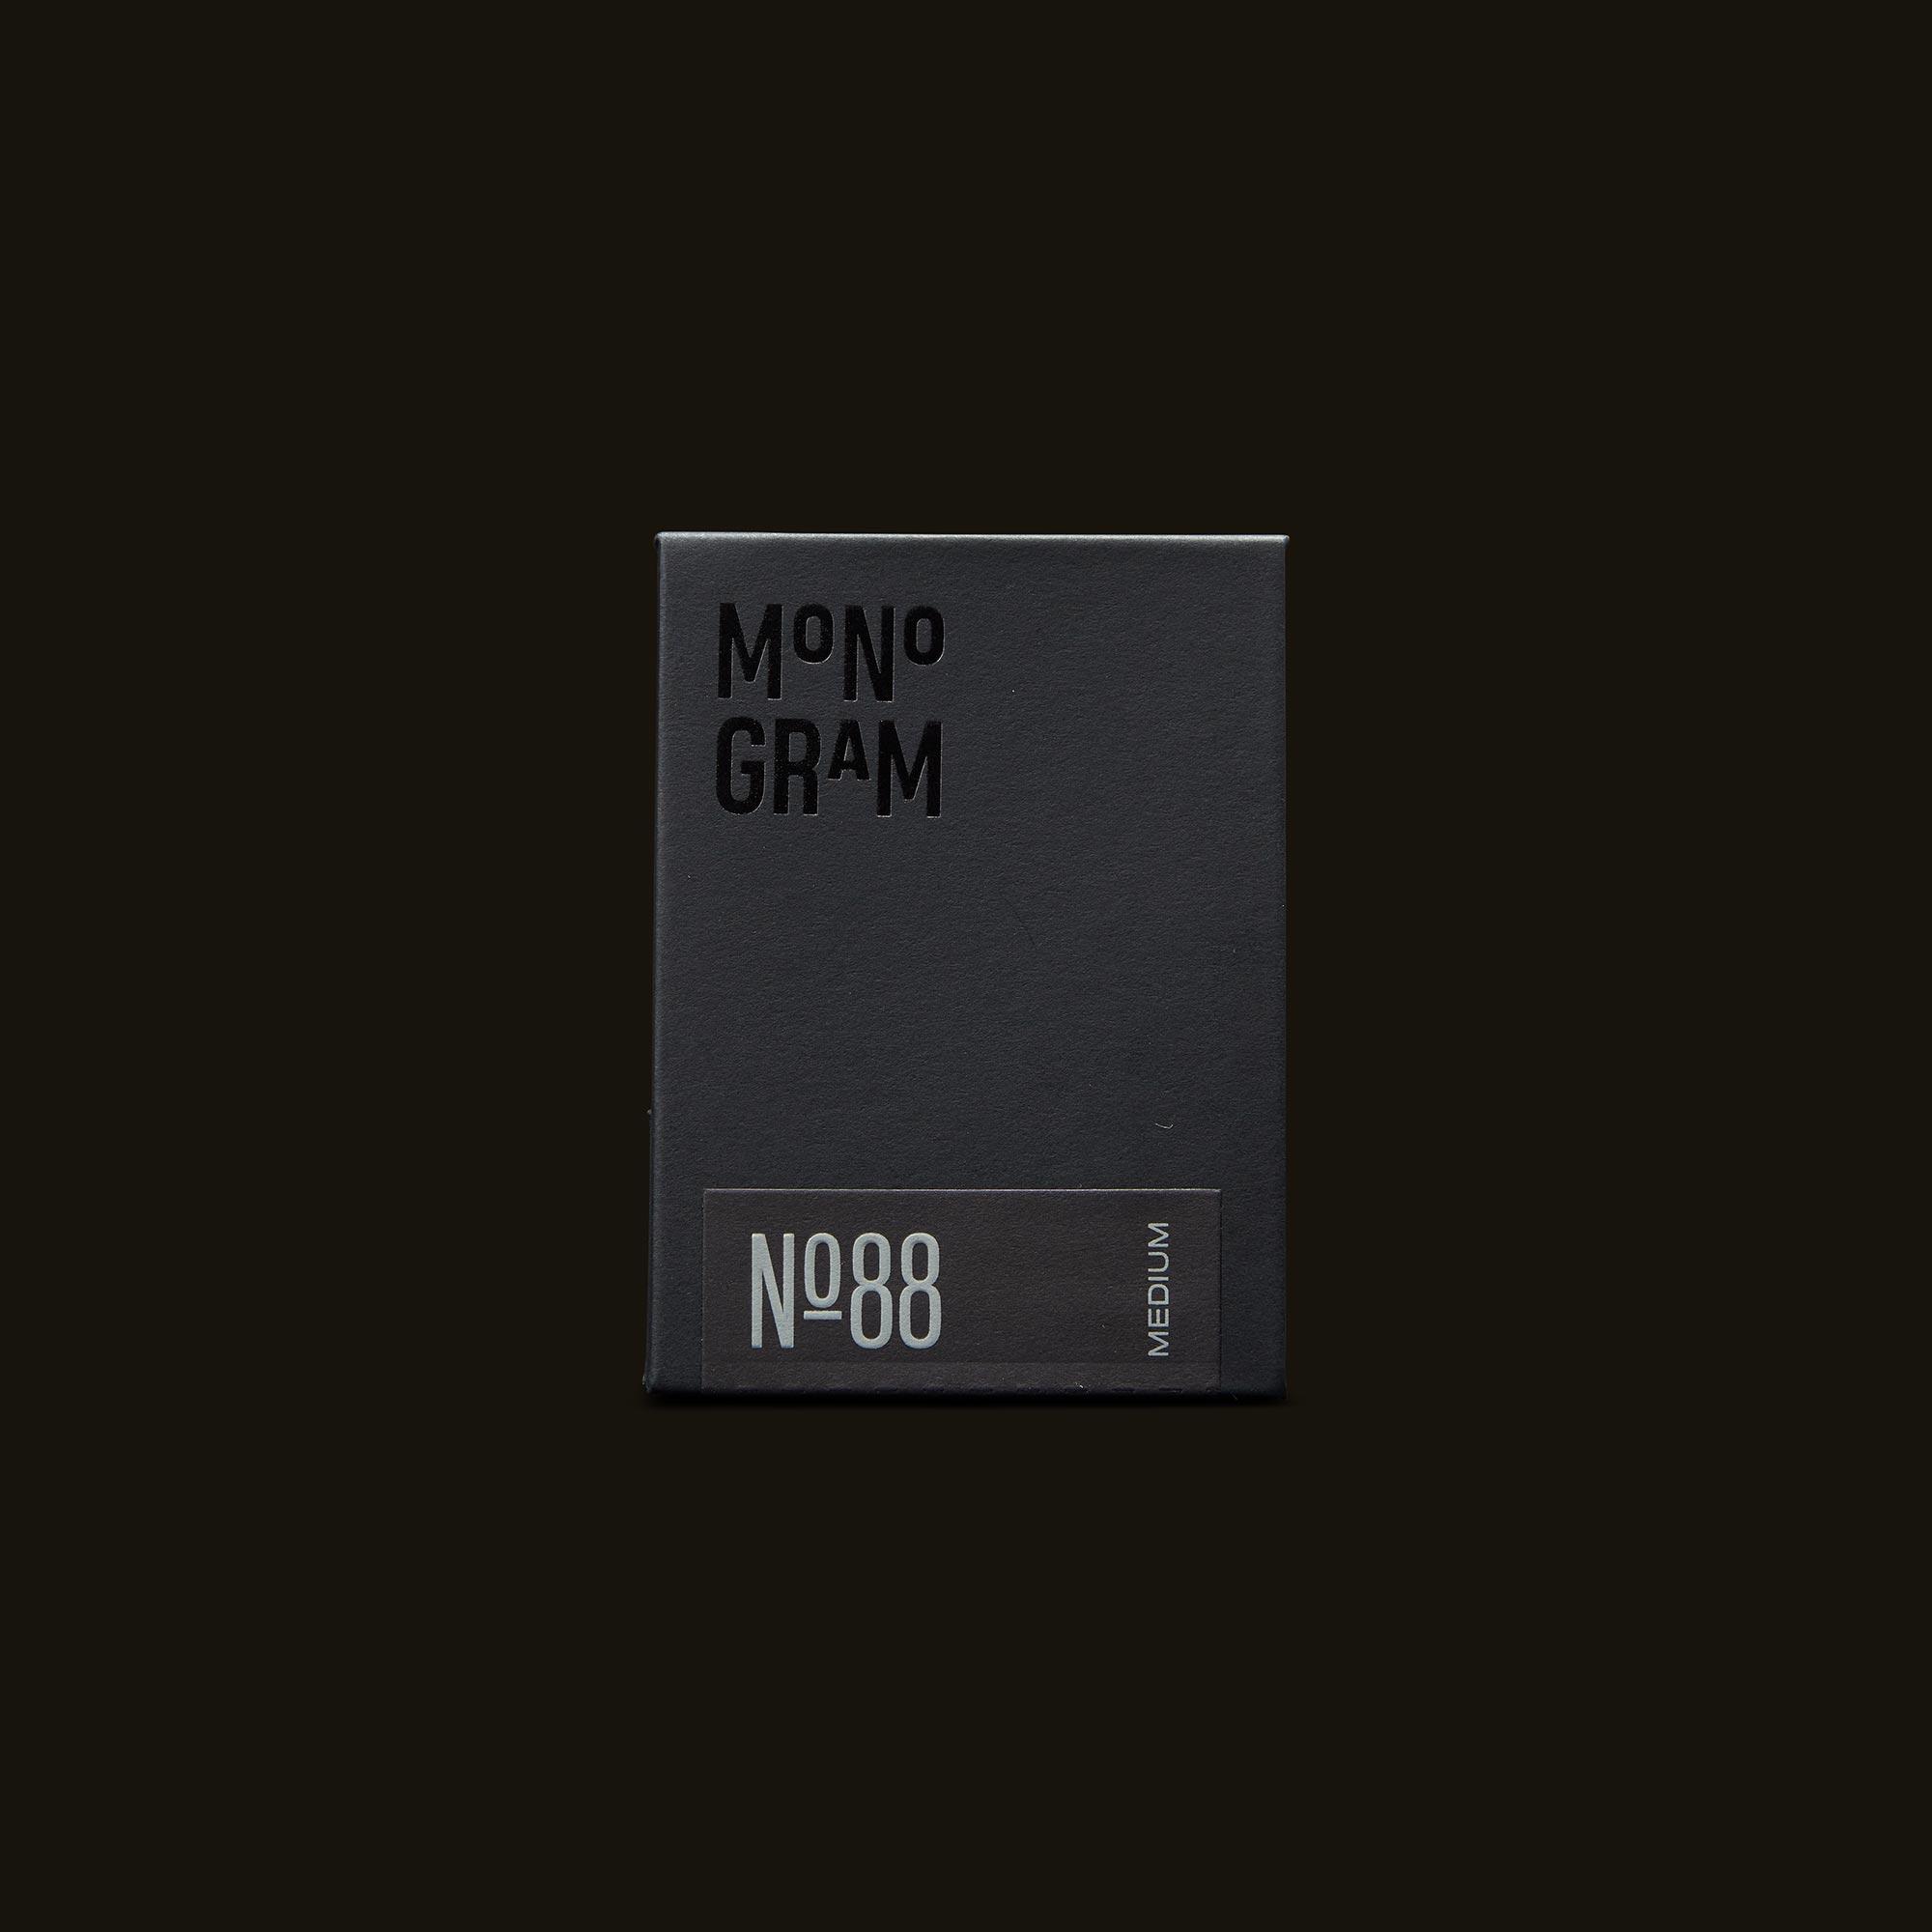 Monogram No.88 Loosies Pre-Roll Pack - Medium Front Packaging